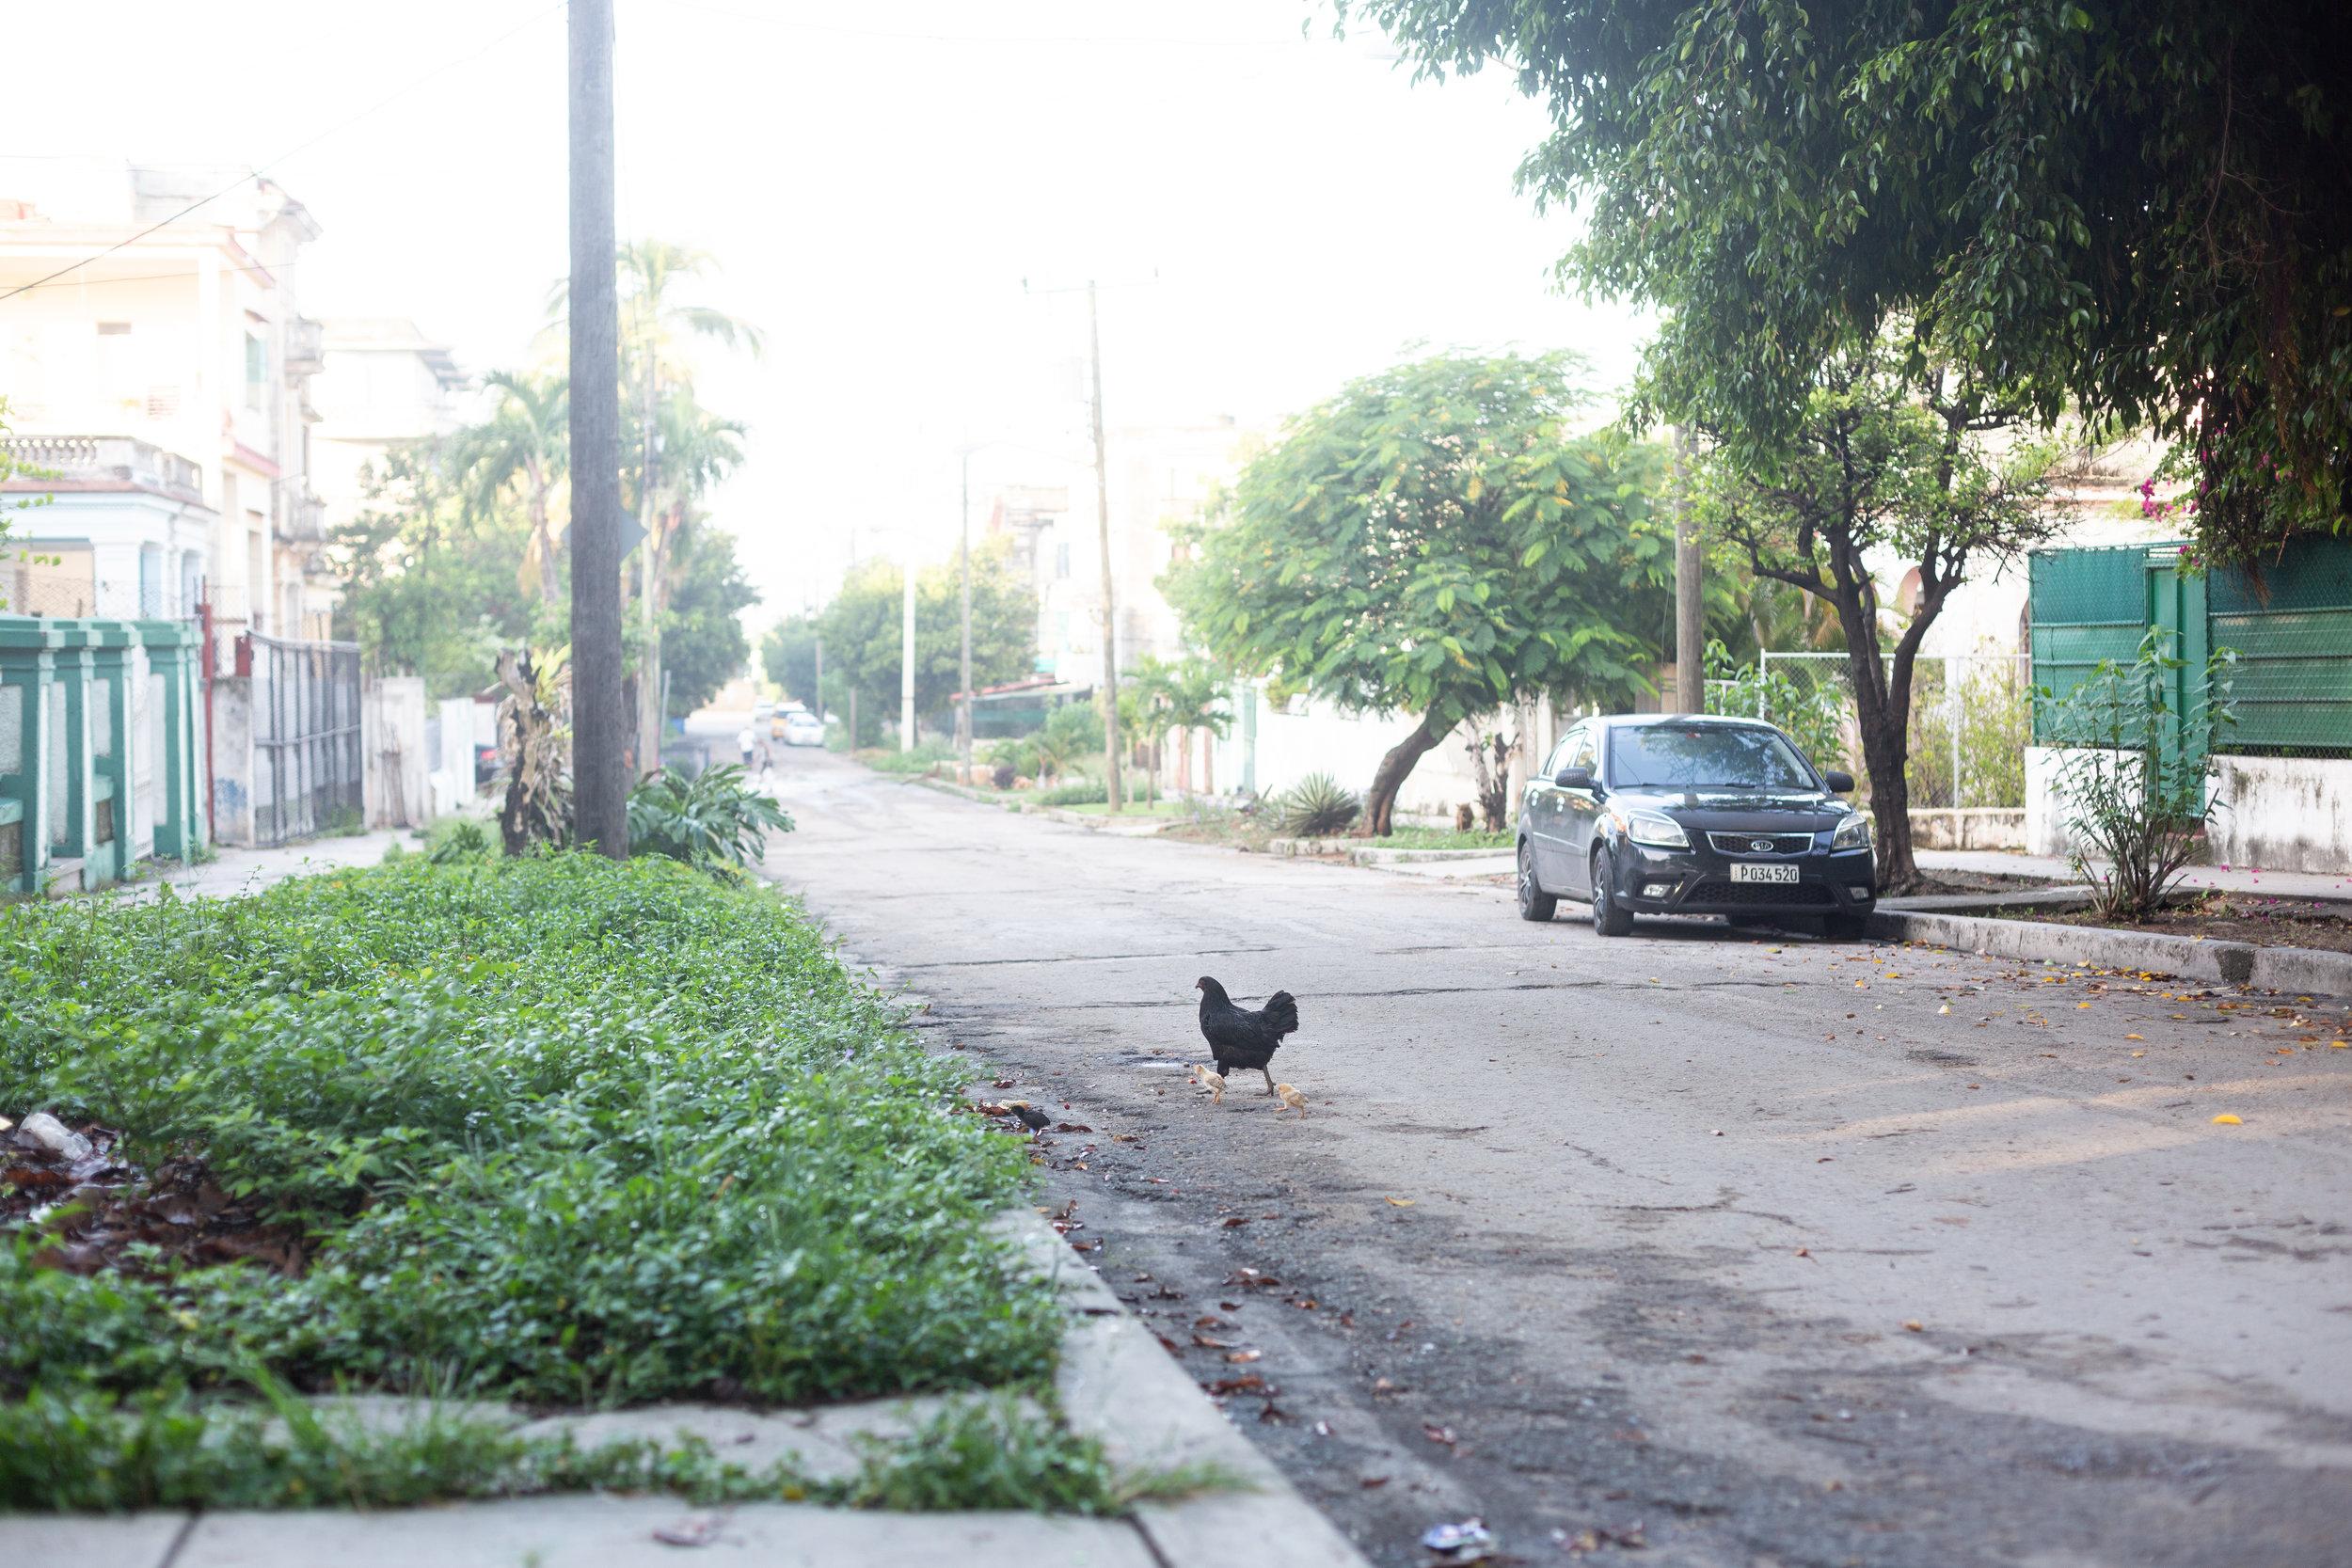 Cuba_Havana_2017_2.JPG